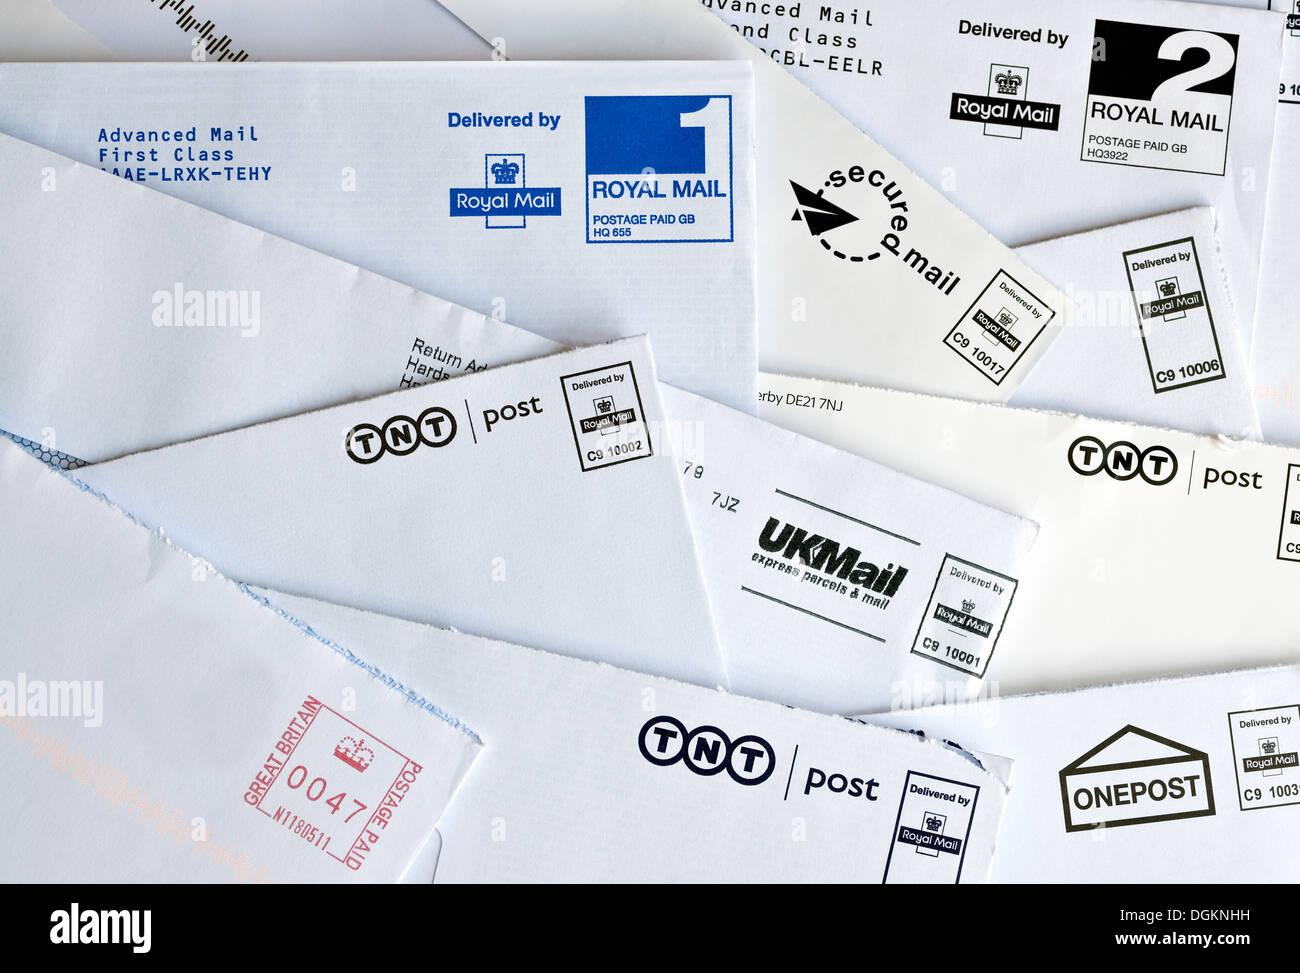 Opened UK mail envelopes. - Stock Image